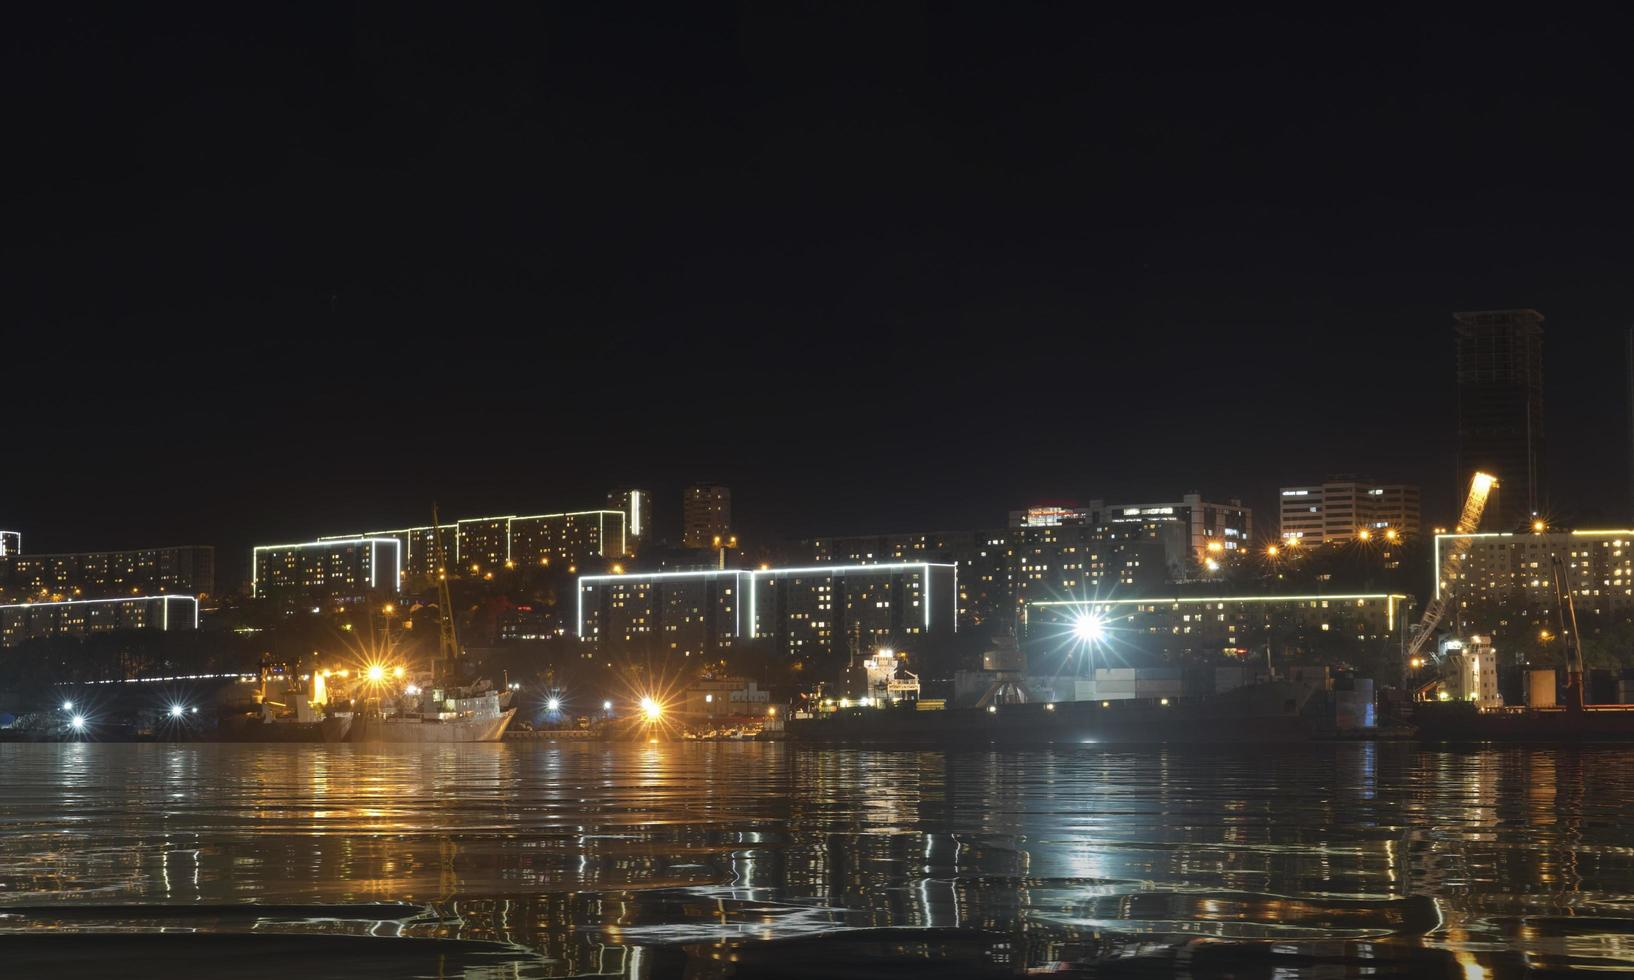 Stadtlandschaft mit Silhouetten von Häusern und Licht von Laternen. foto